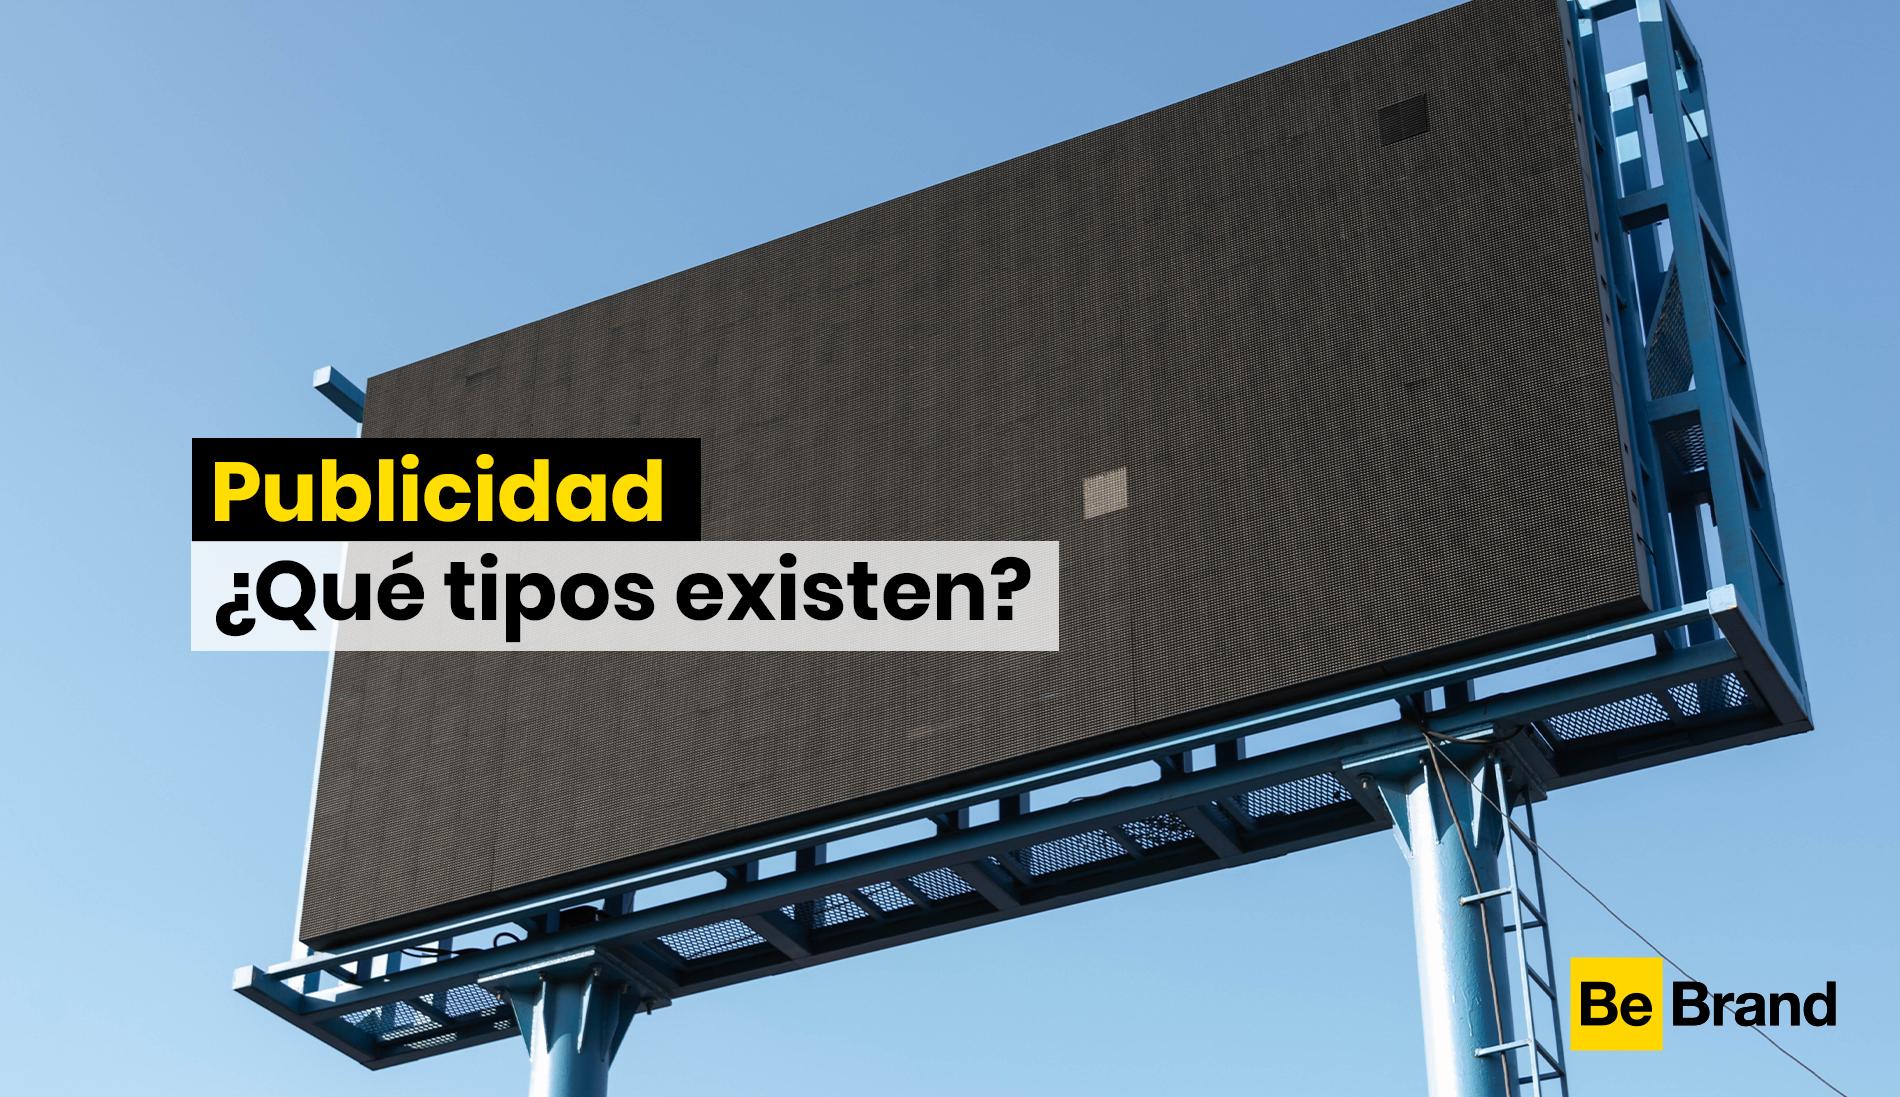 ¿Qué tipos de publicidad existen? - BeBrand